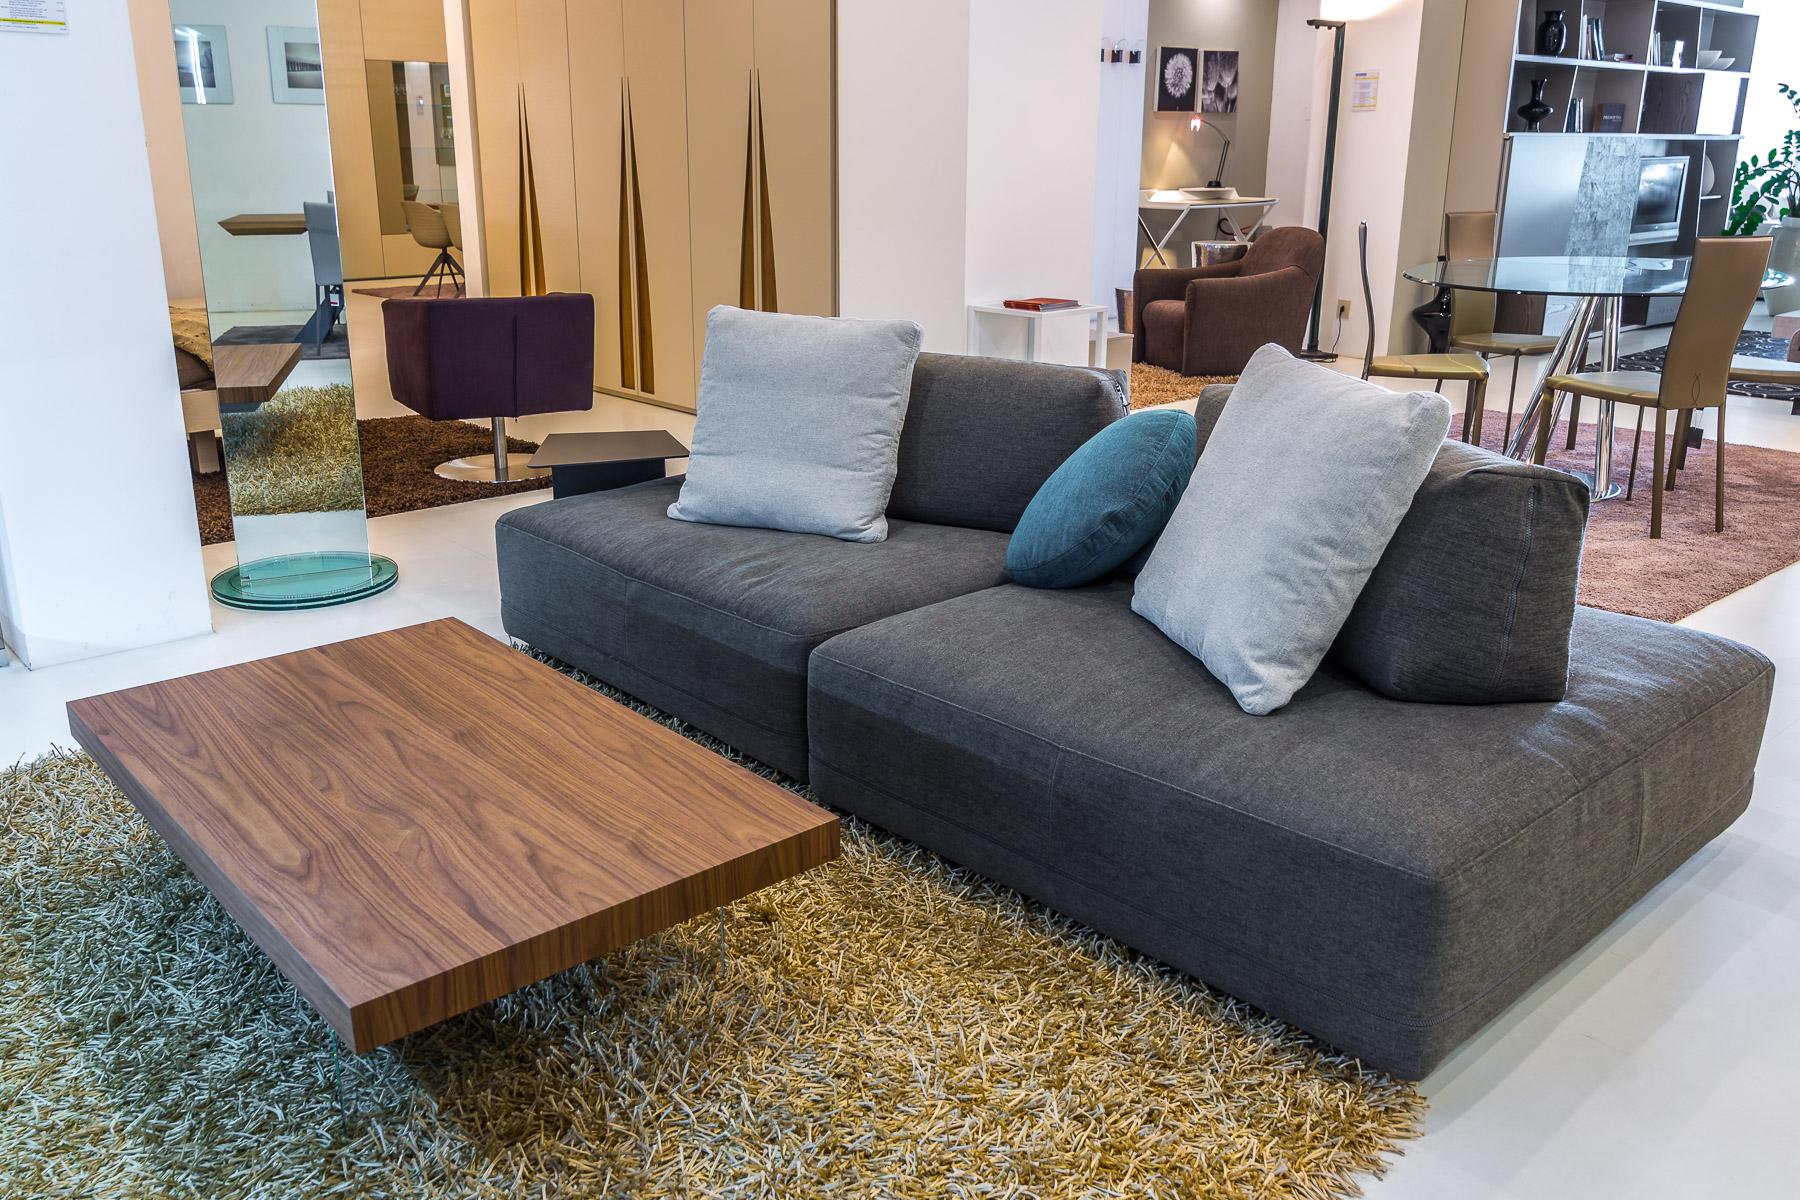 Ditre divano sanders bifacciale vallatinnocenti - Divano di istanbul ...